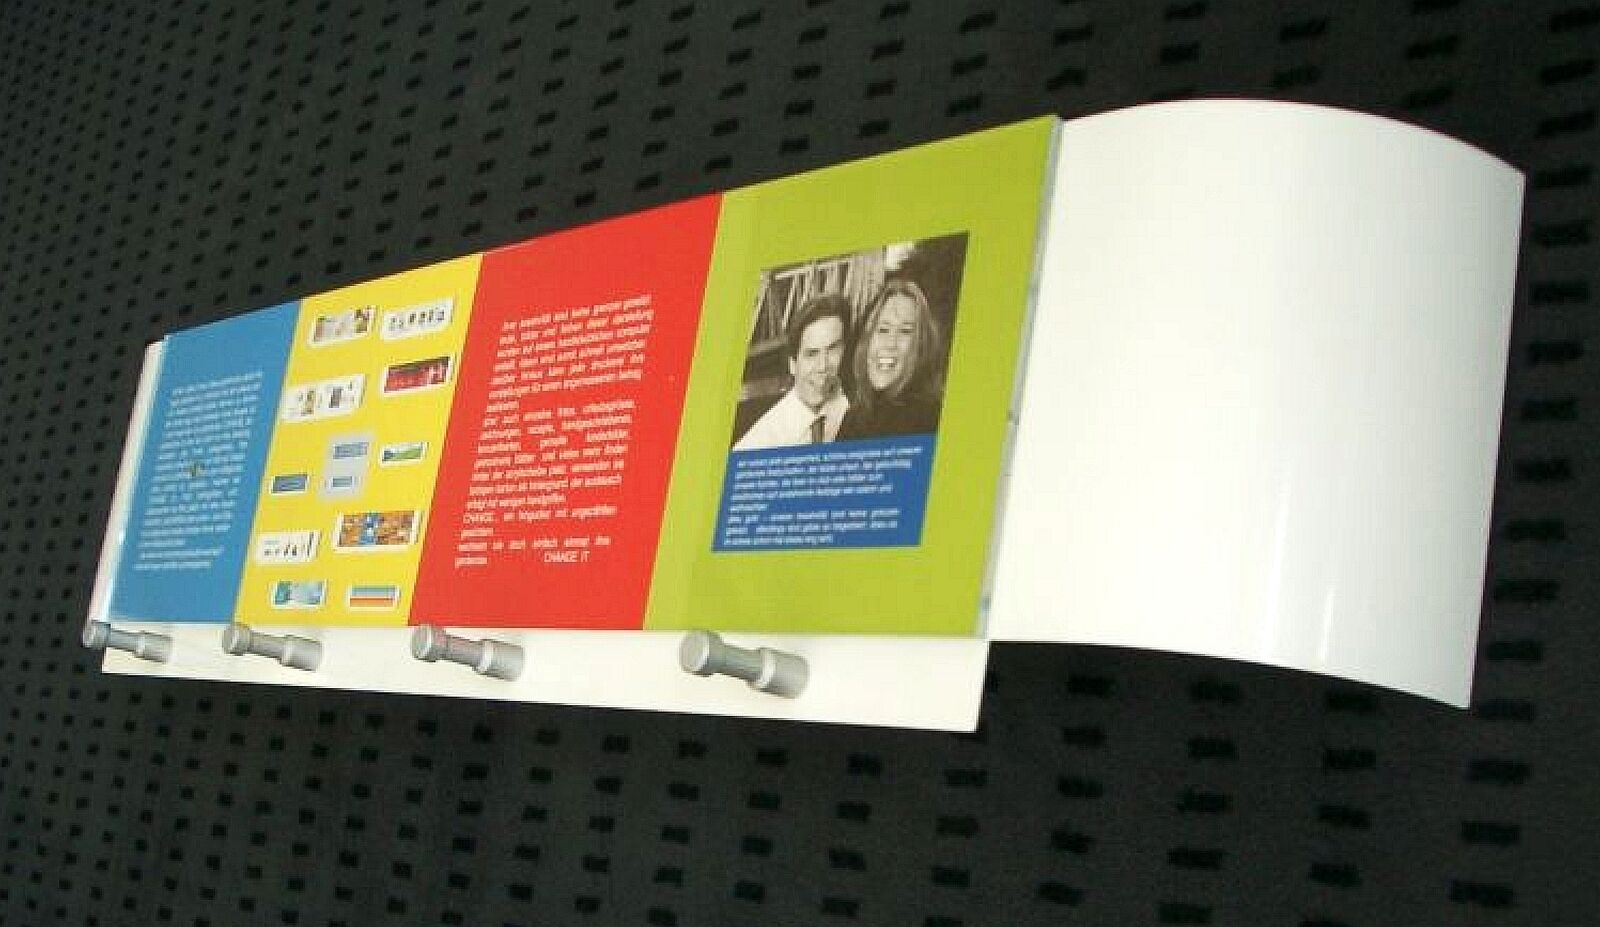 Muro guardarropa guardarropa guardarropa guardarropa change blancoo artículo-Design cddf65